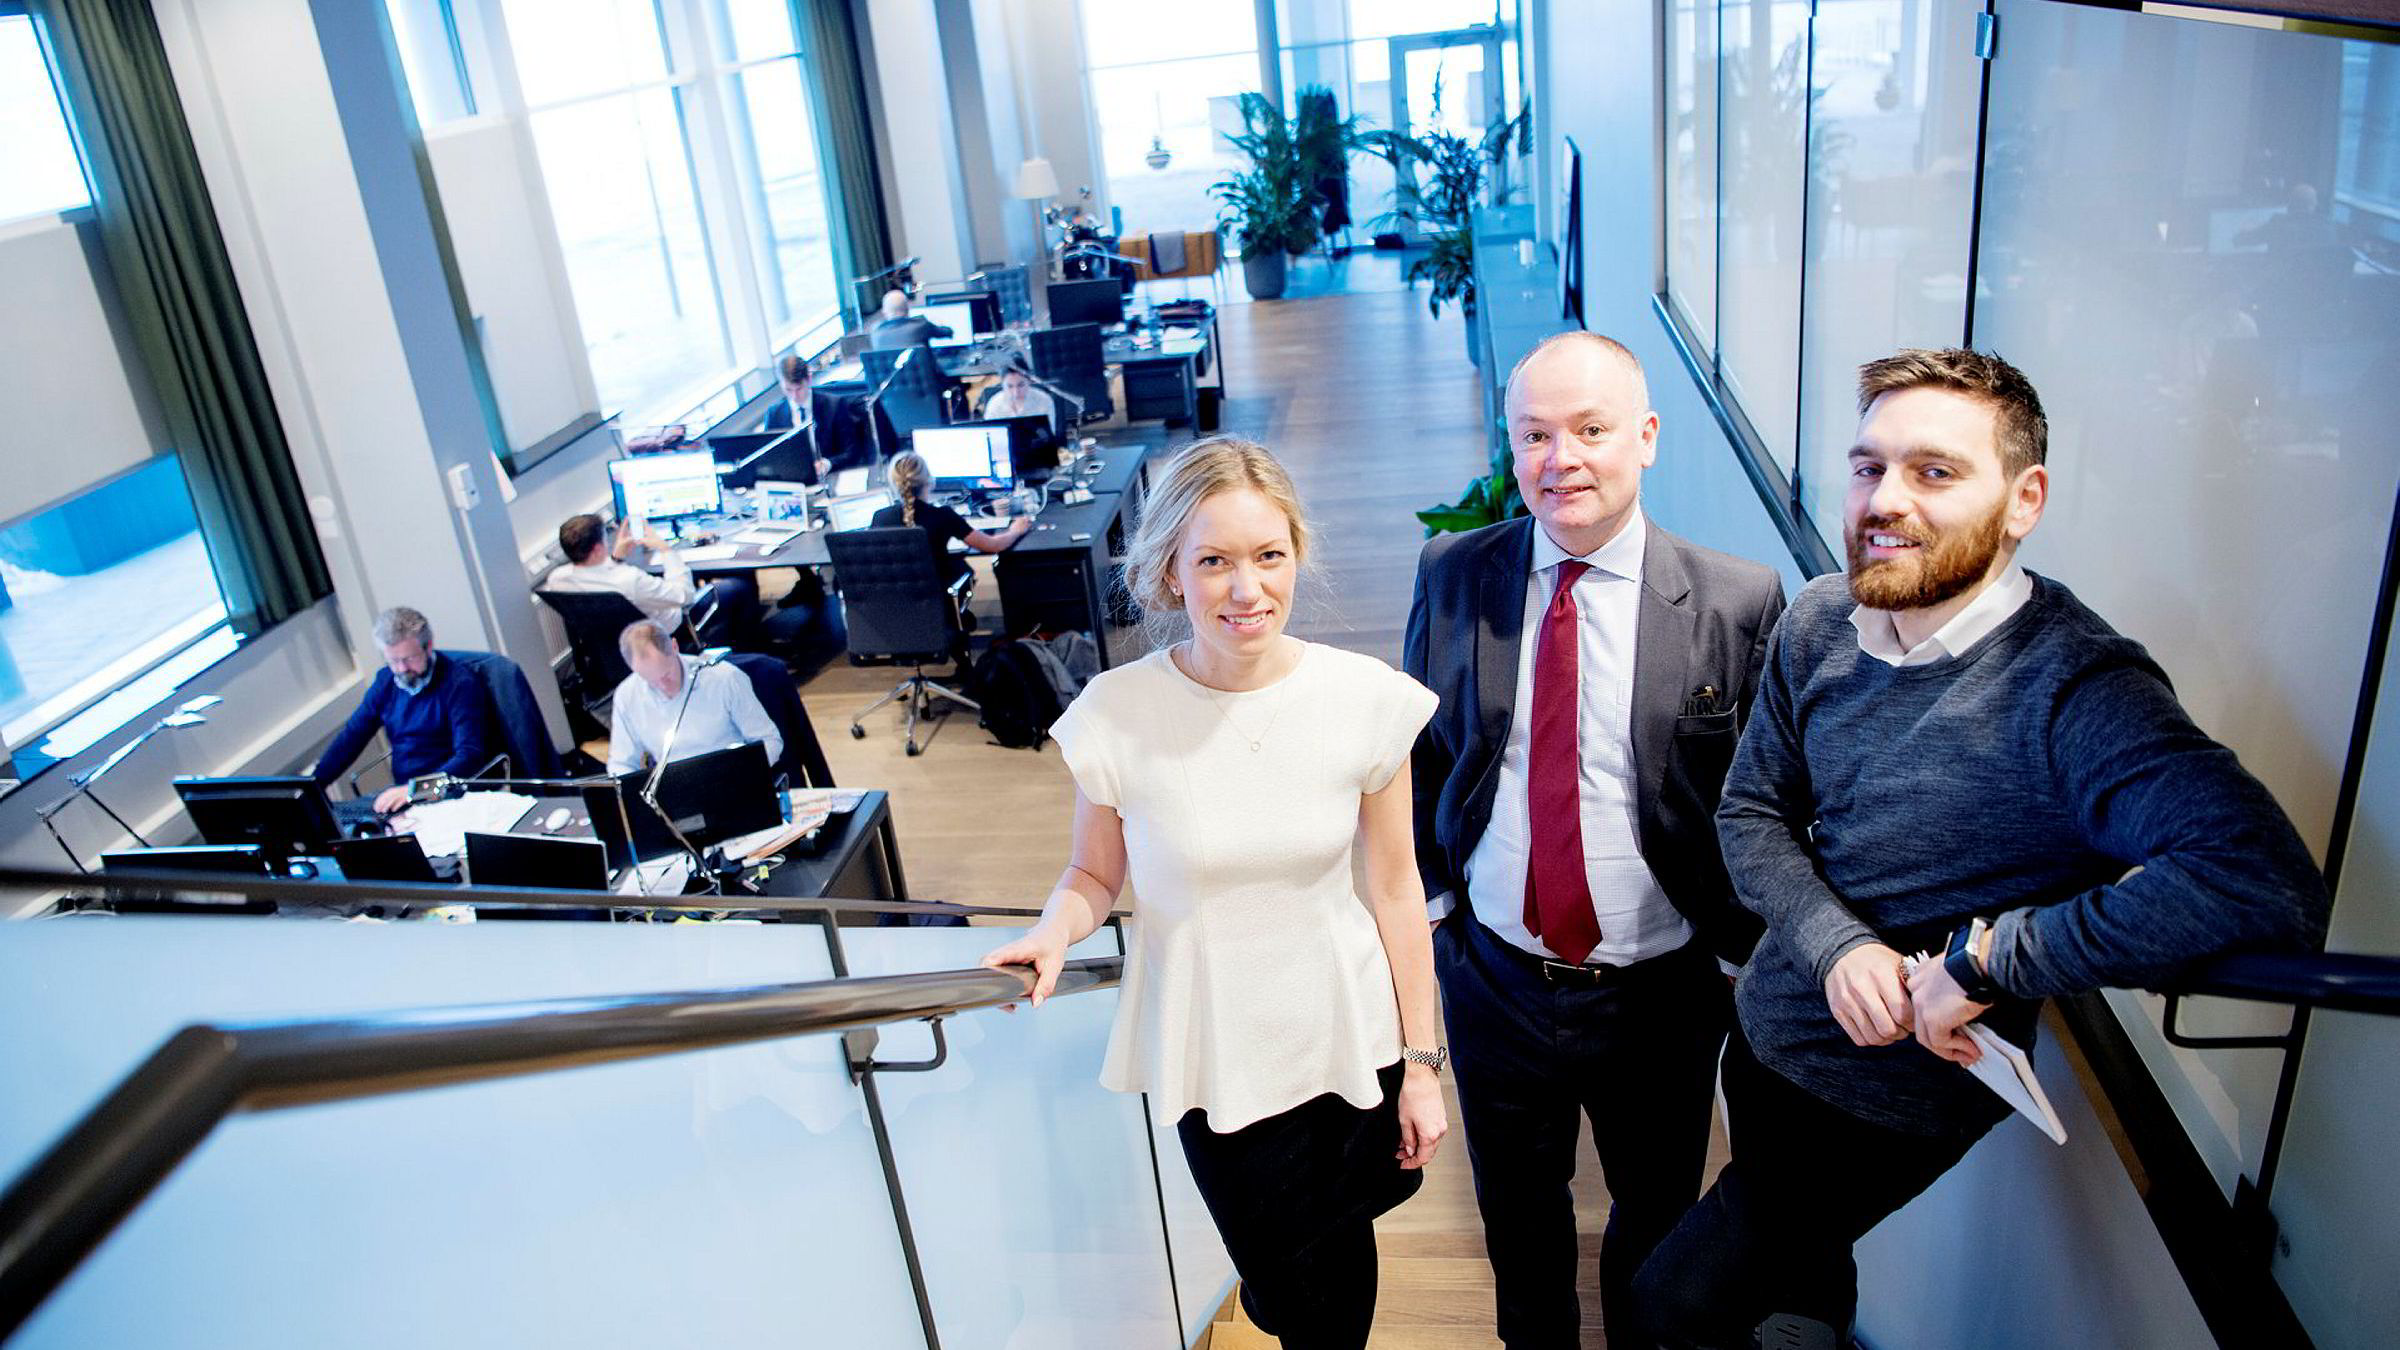 Are Slettan (midten) tar over som ny ledende partner i Corpcorate Communications, en jobb Maria Melfald Tveten og Ben Holan har delt på de siste to årene.